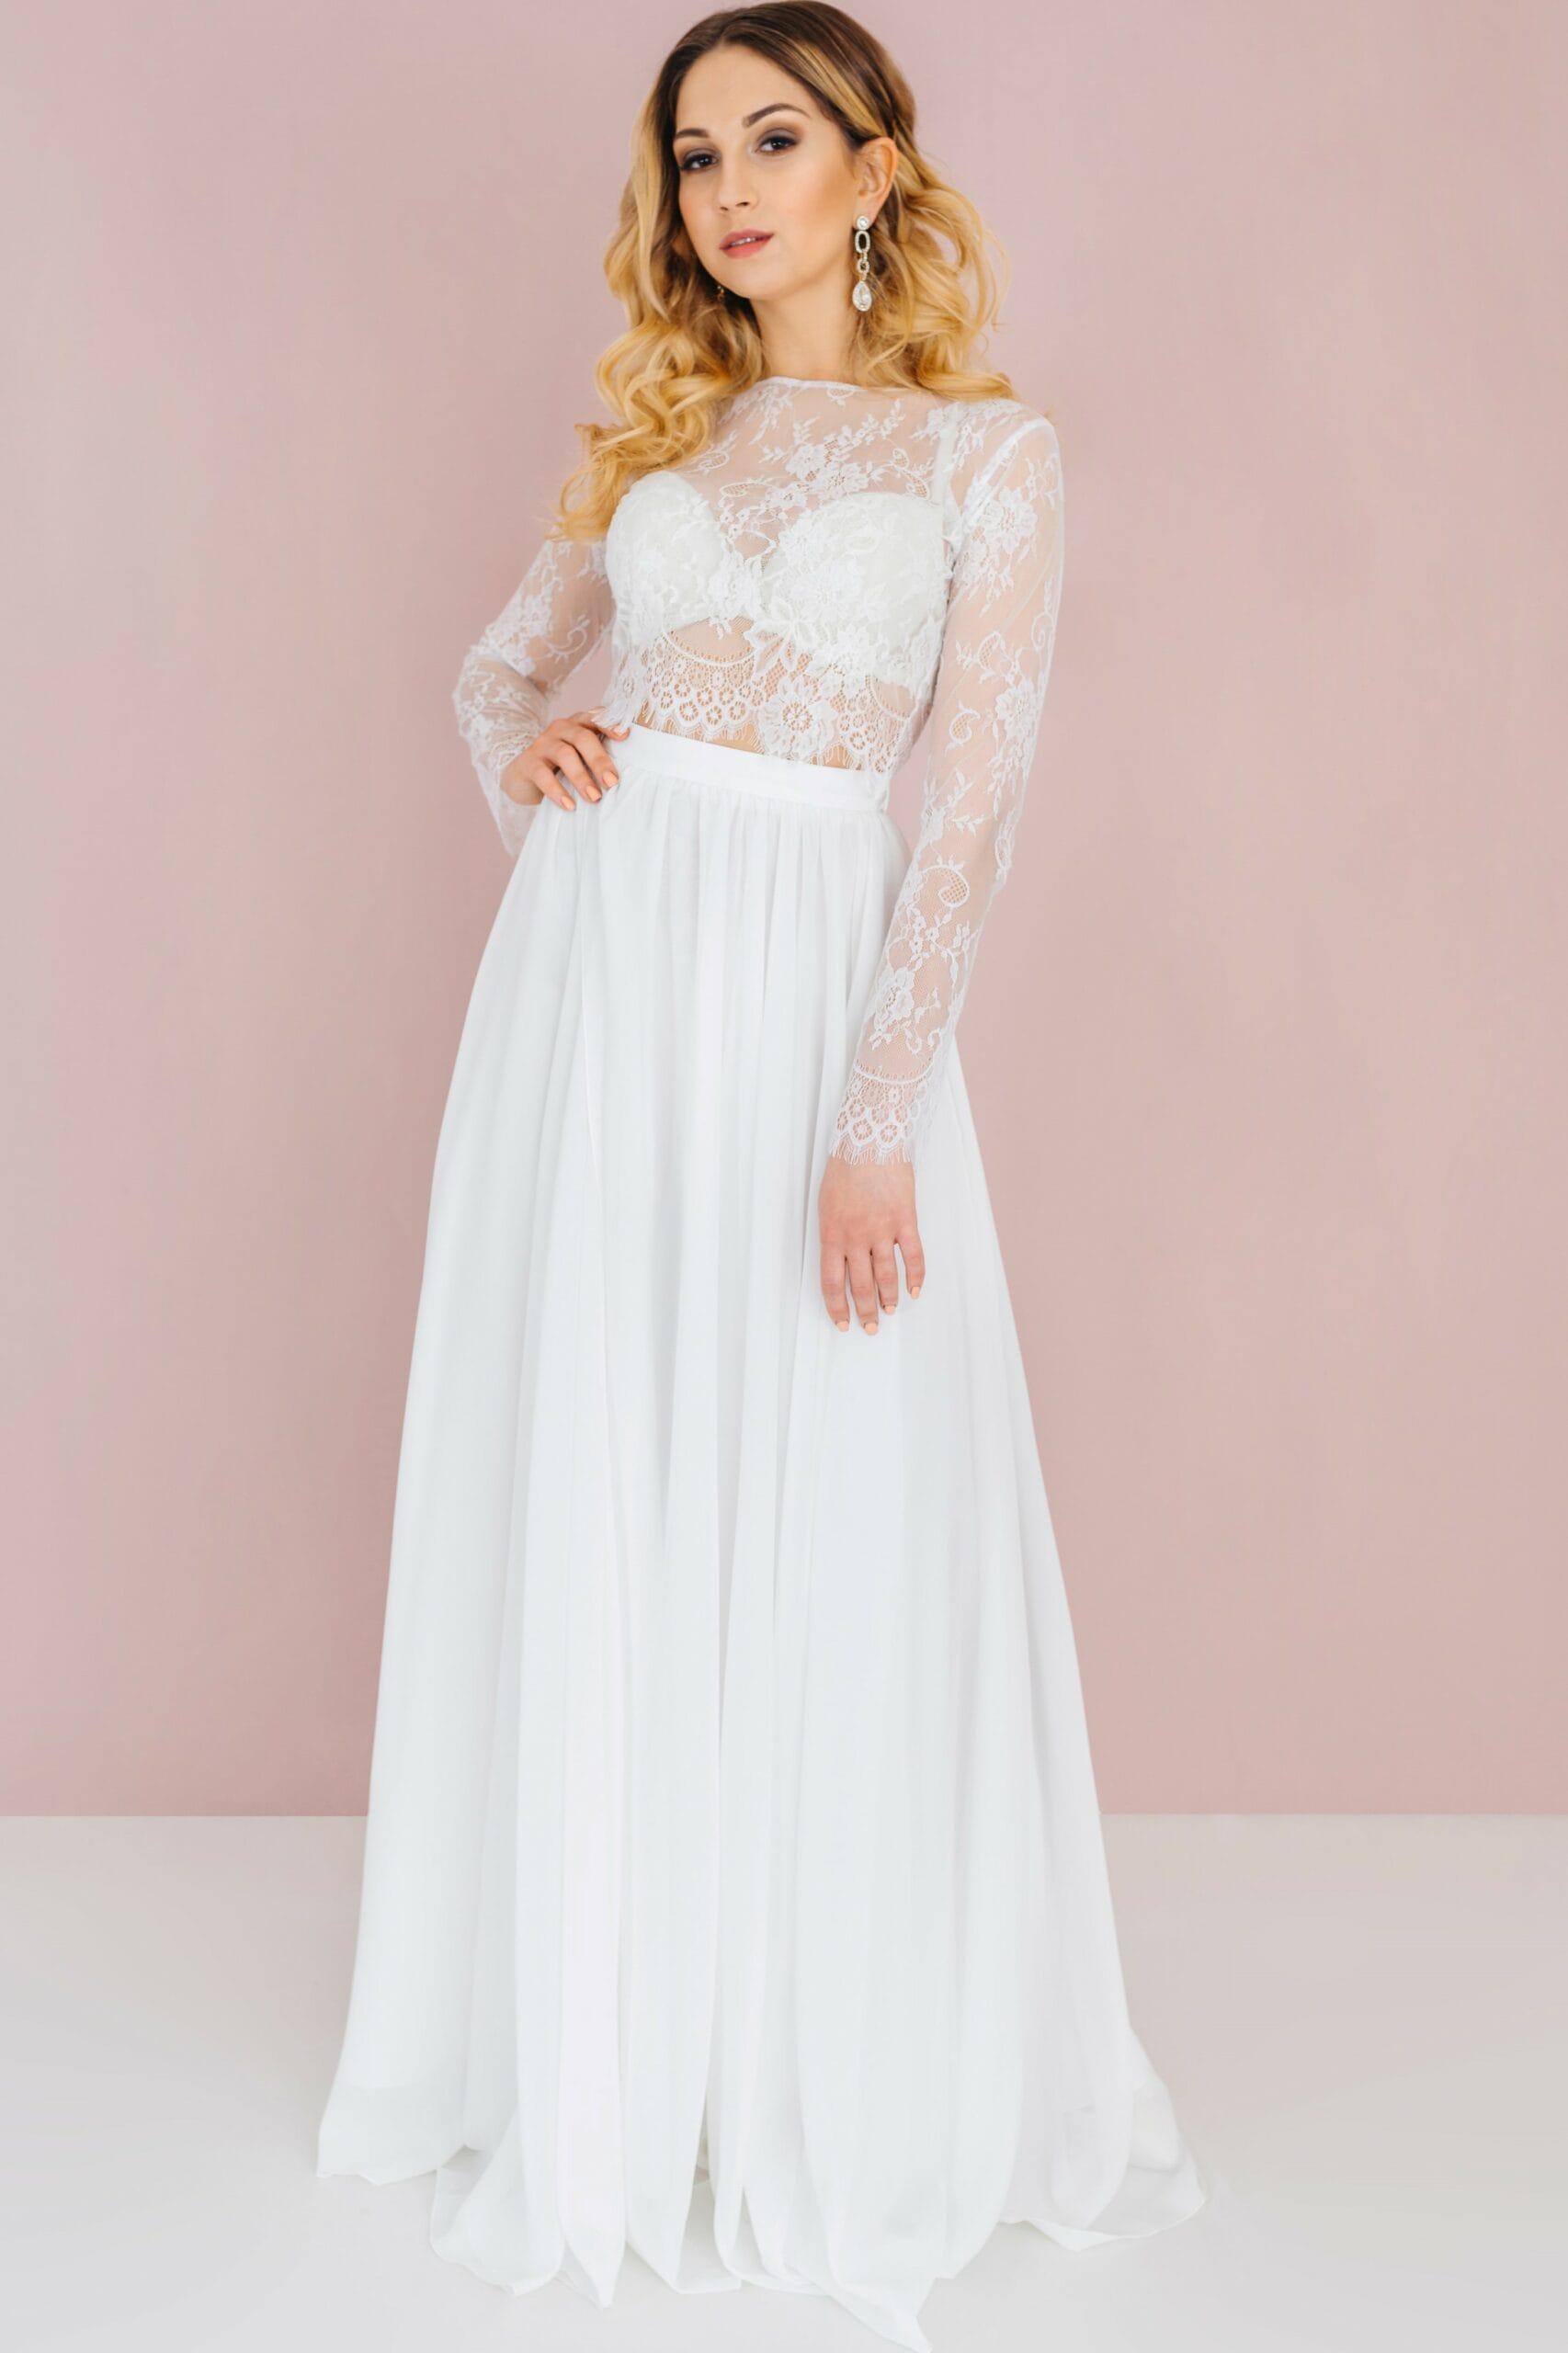 Свадебное платье SALLI, коллекция LOFT, бренд RARE BRIDAL, фото 2